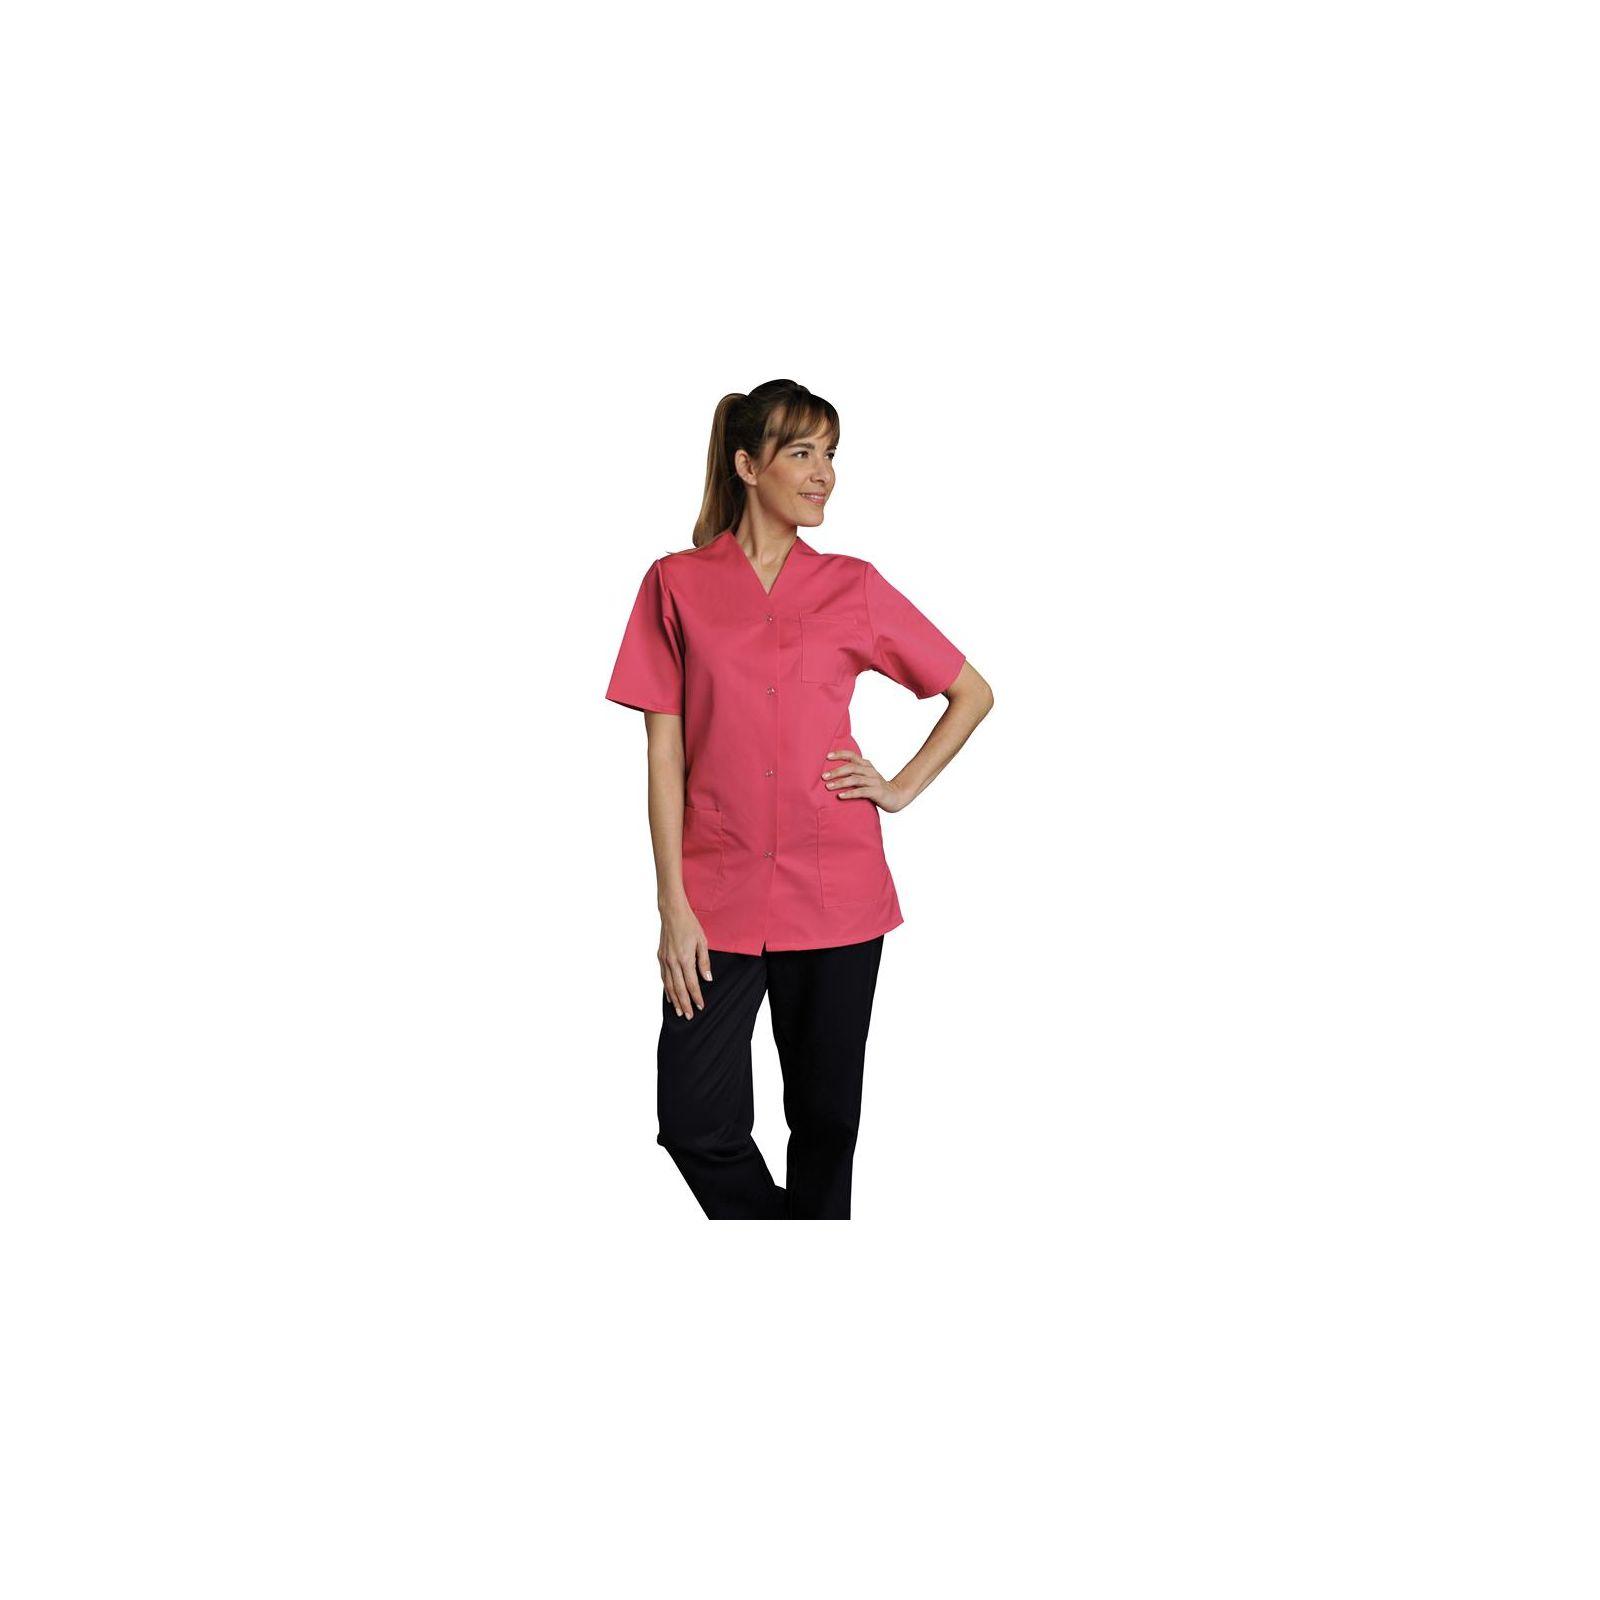 Blouse de travail Femme couleur Col V Viviane, SNV (VIVMCP00), couleur rose vue modèle